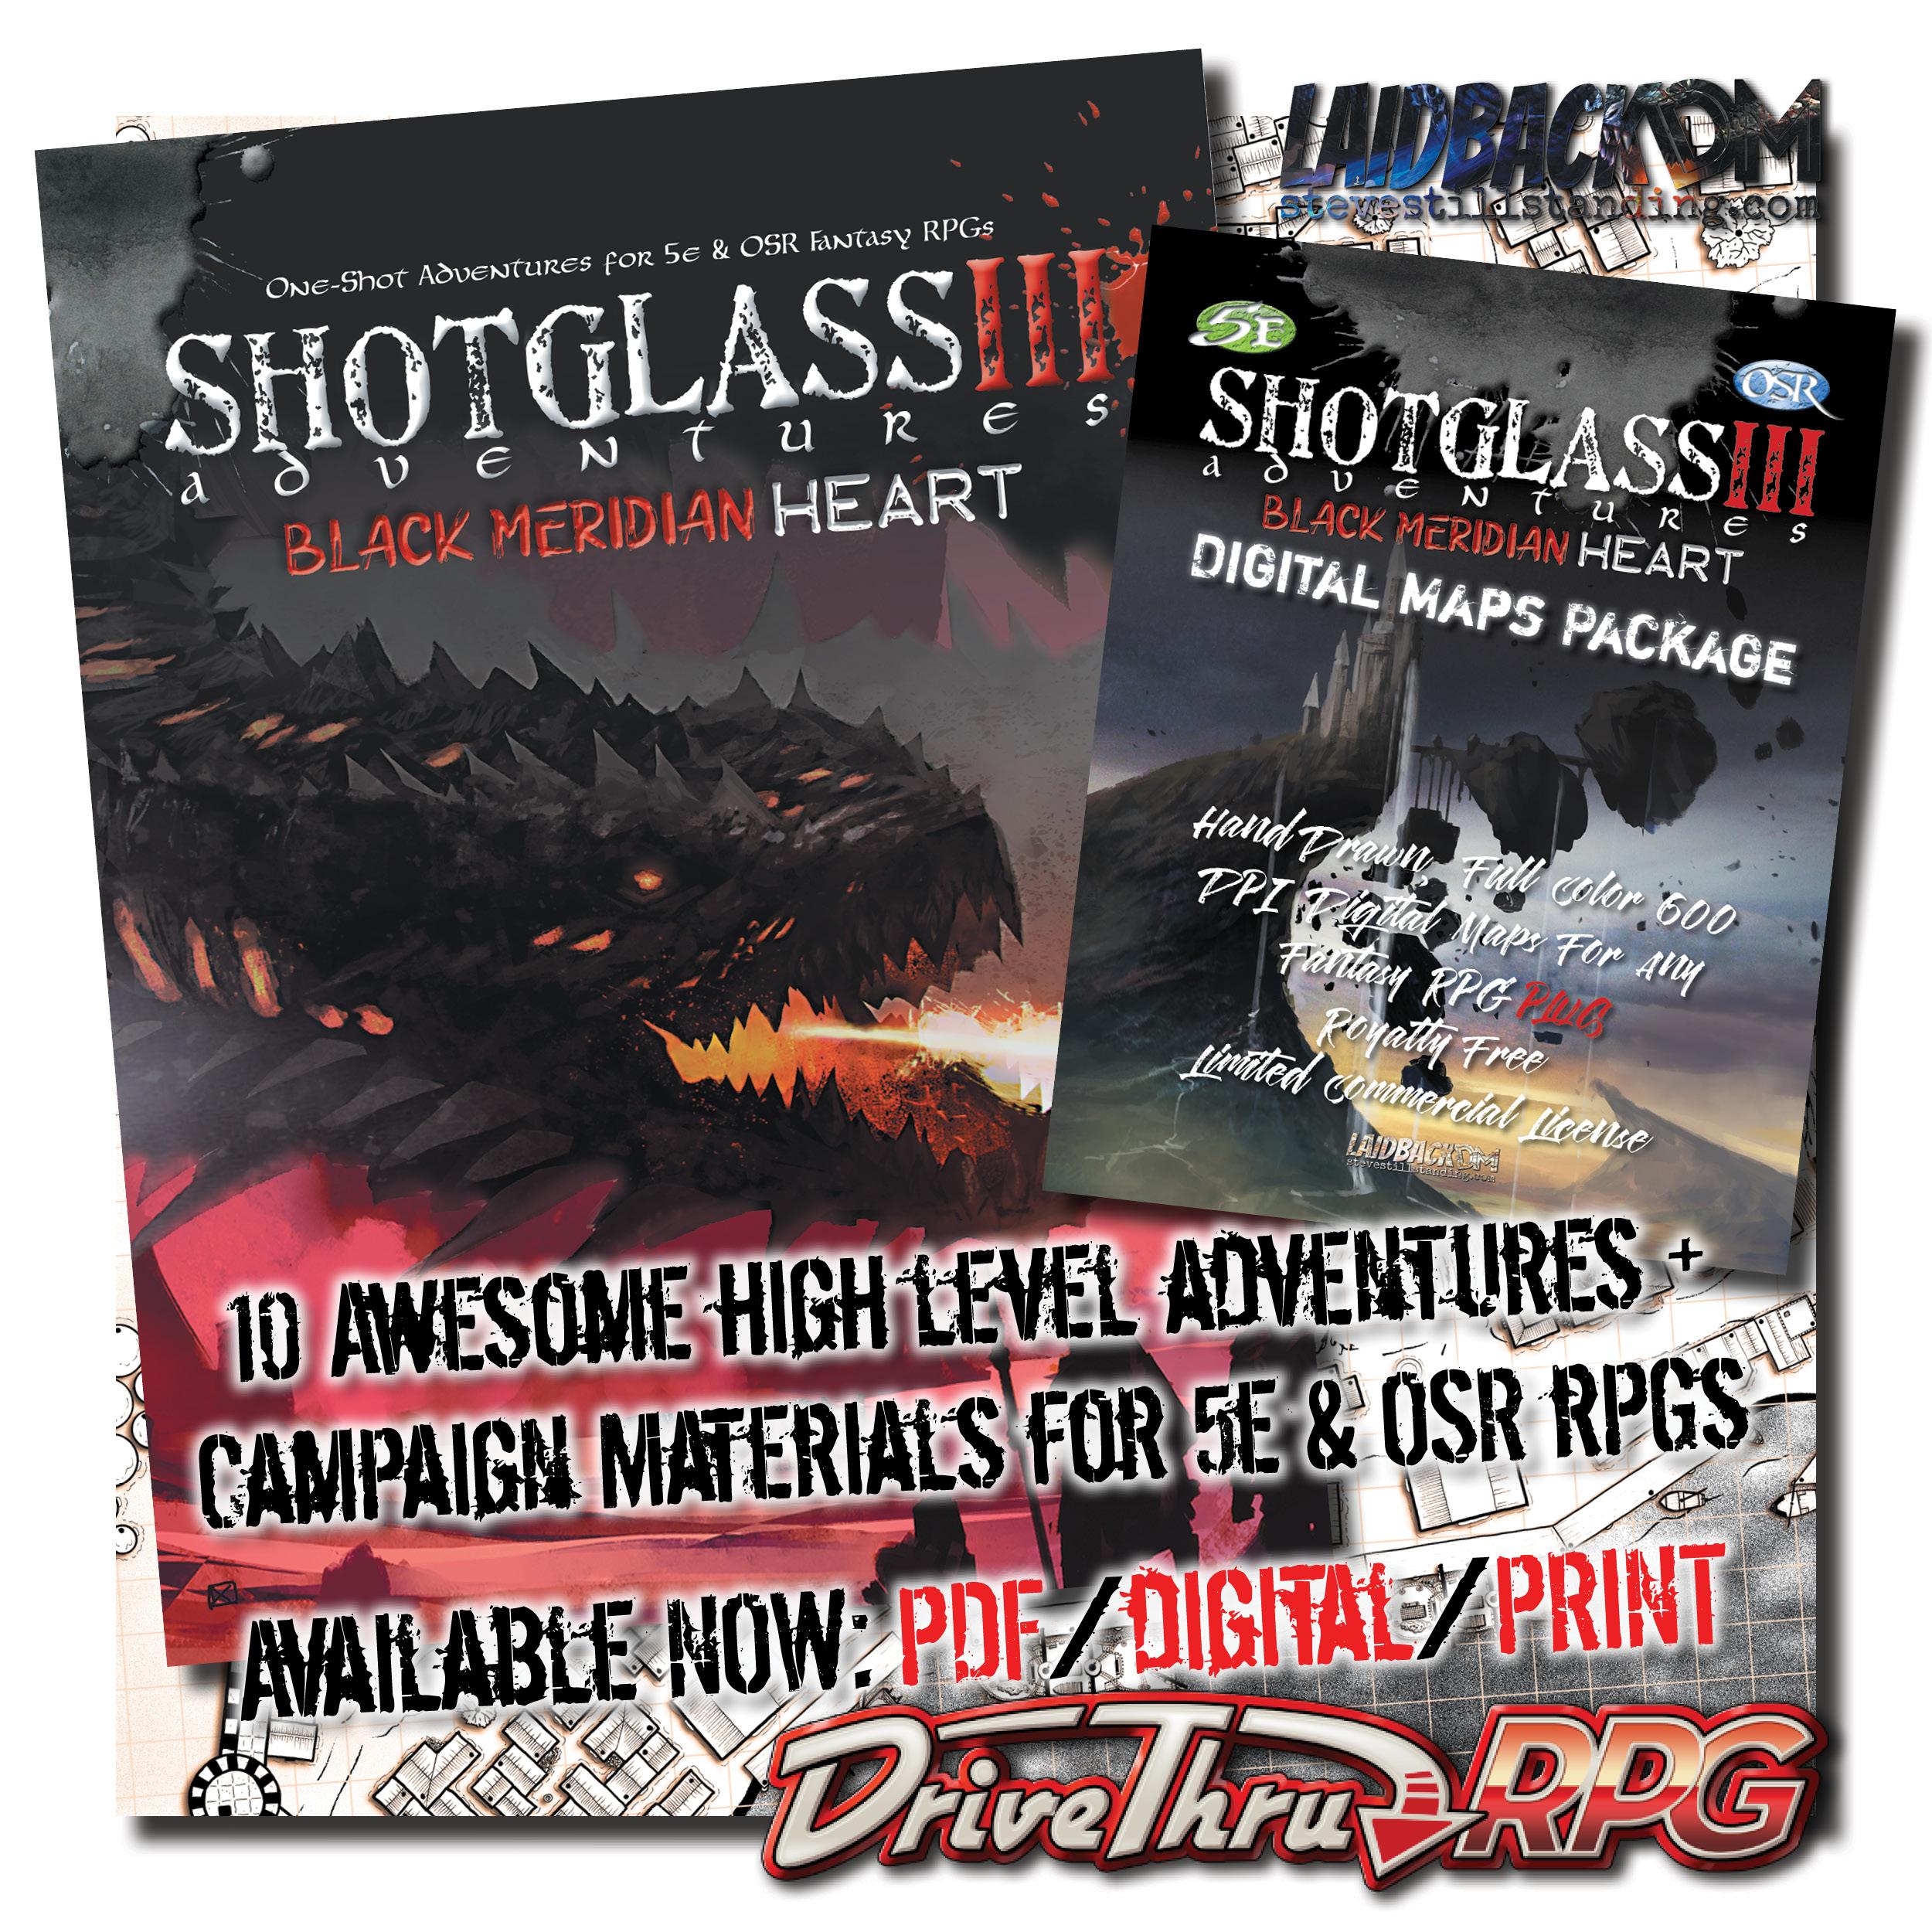 Laidback DM - Shotglass Adventures 3 - AD6